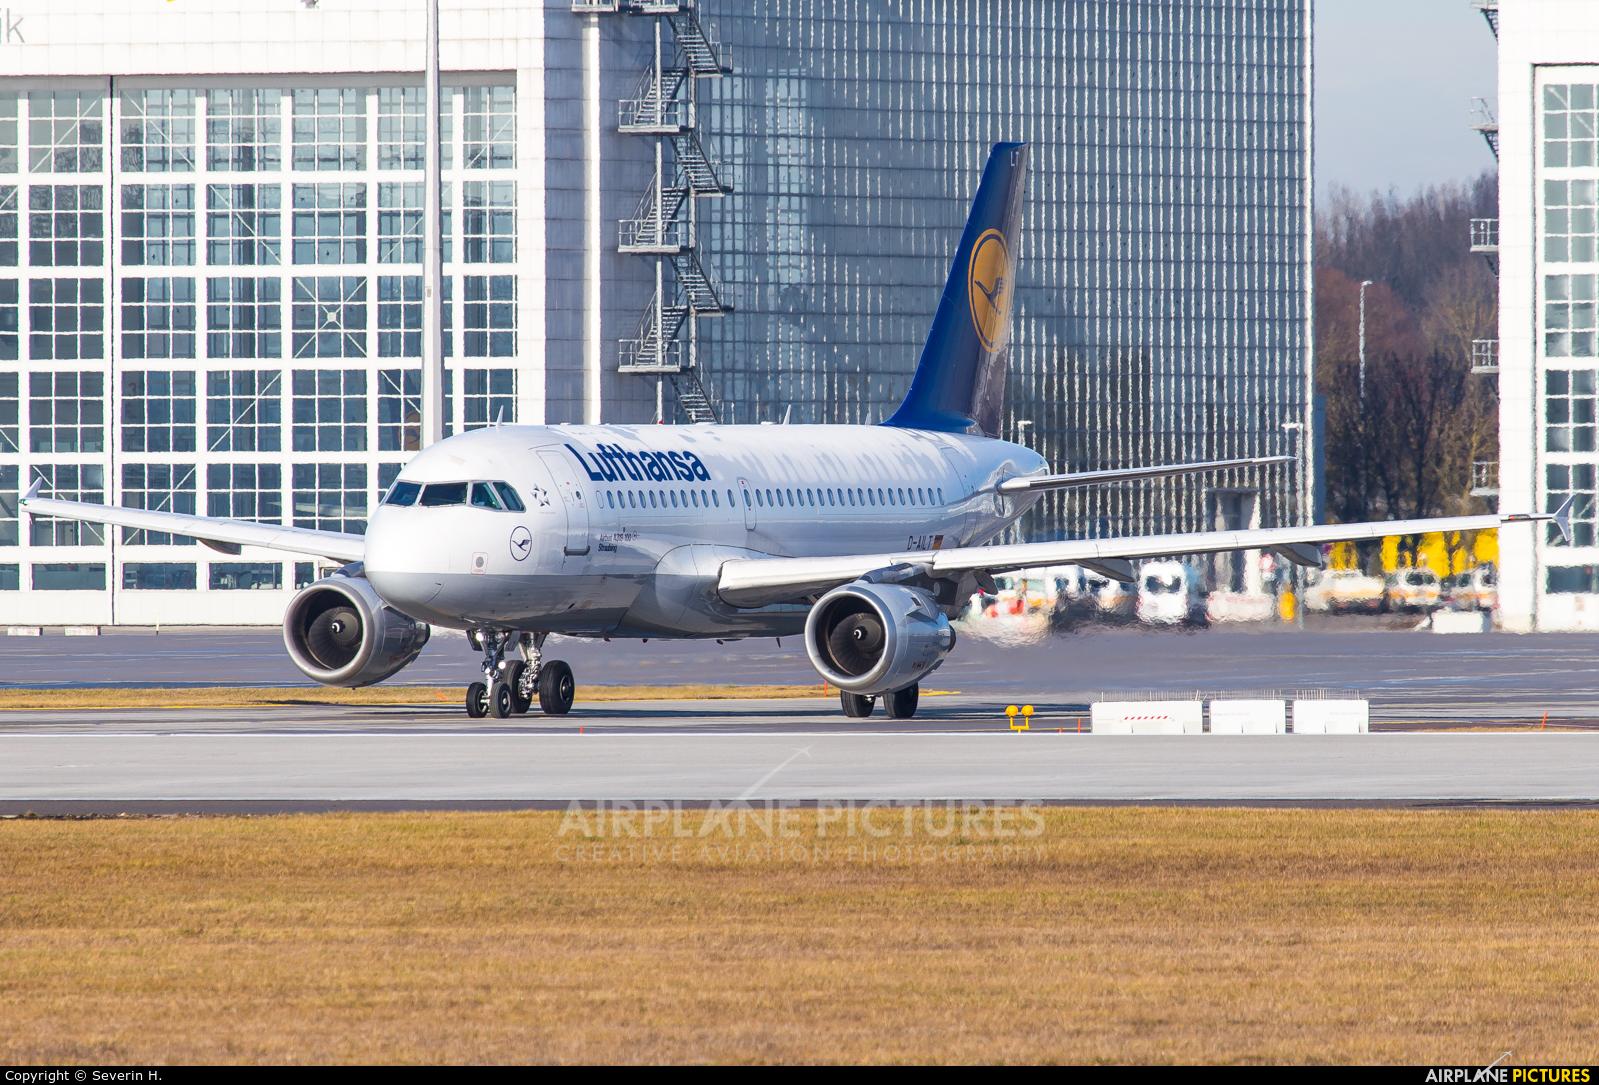 Lufthansa D-AILT aircraft at Munich